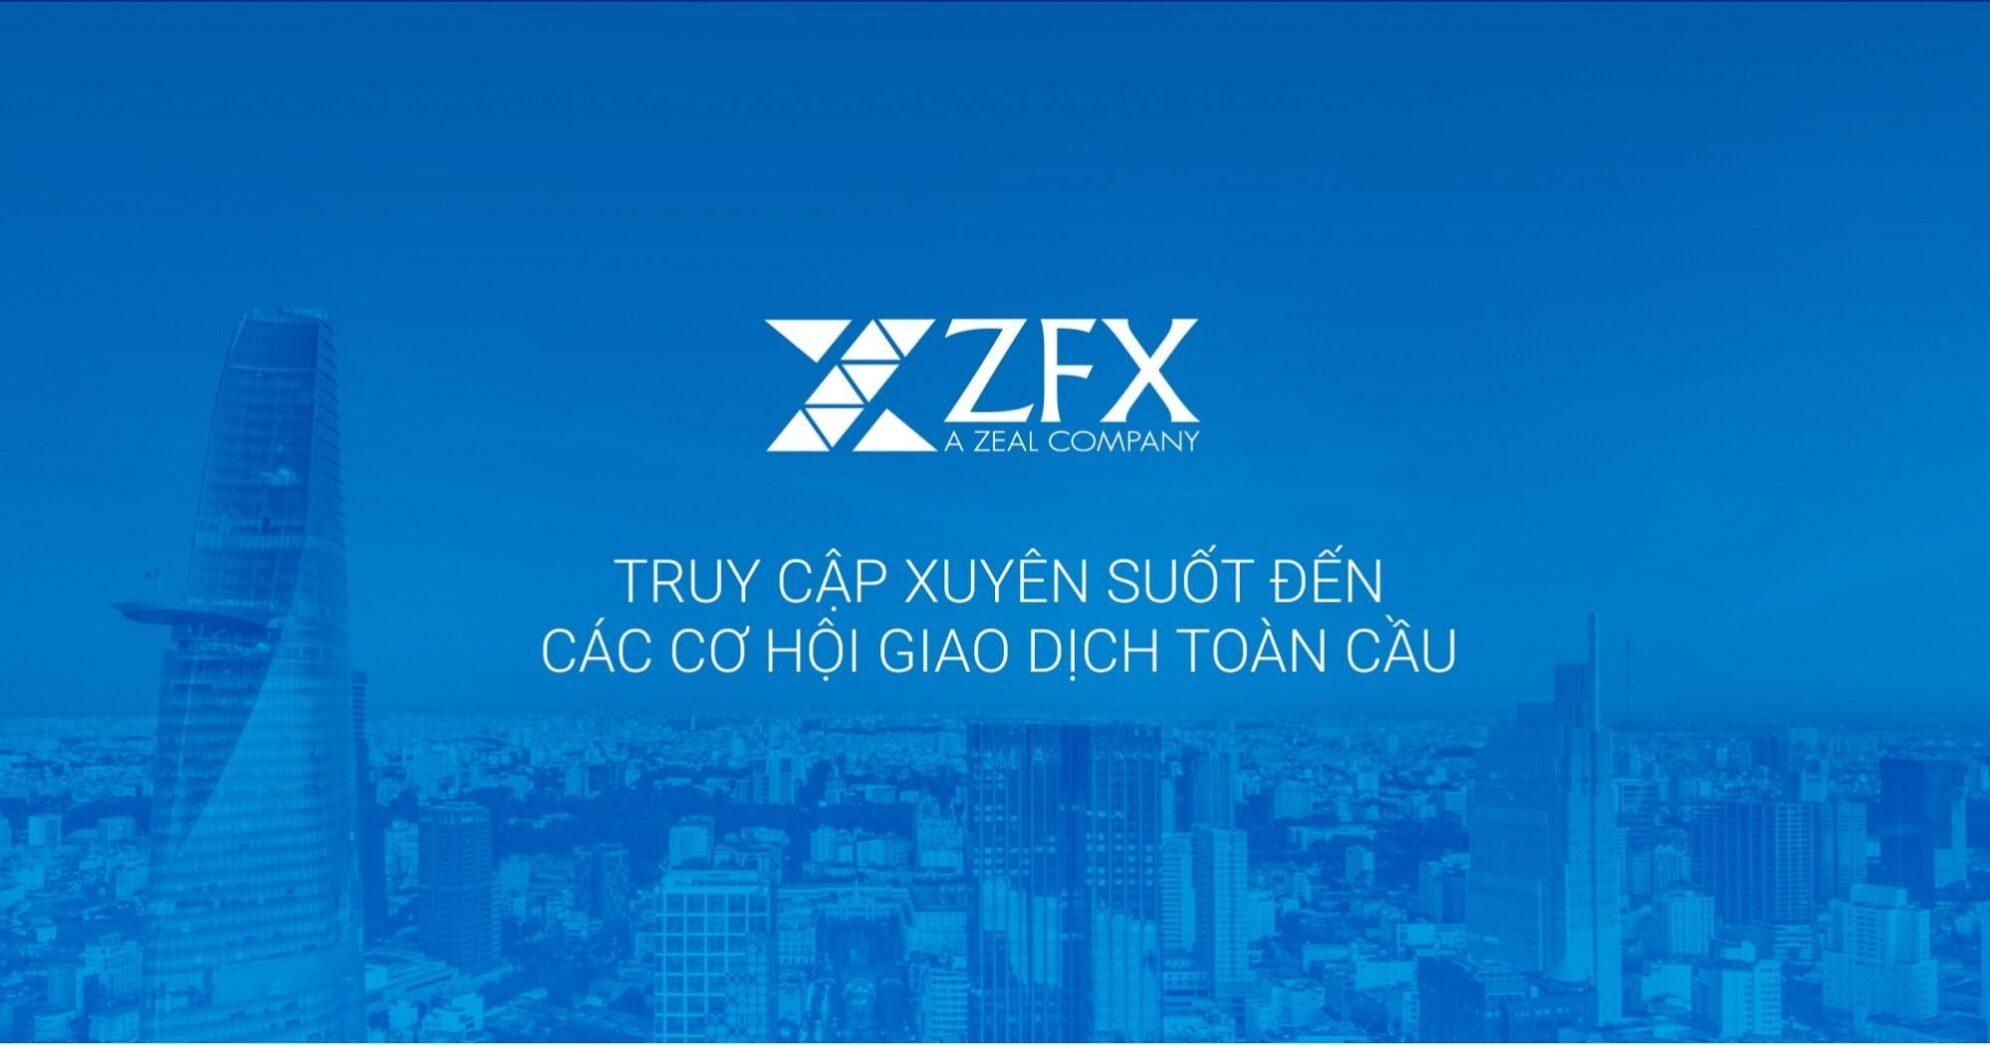 Sàn ZFX cung cấp dịch vụ đầu tư tài chính toàn cầu